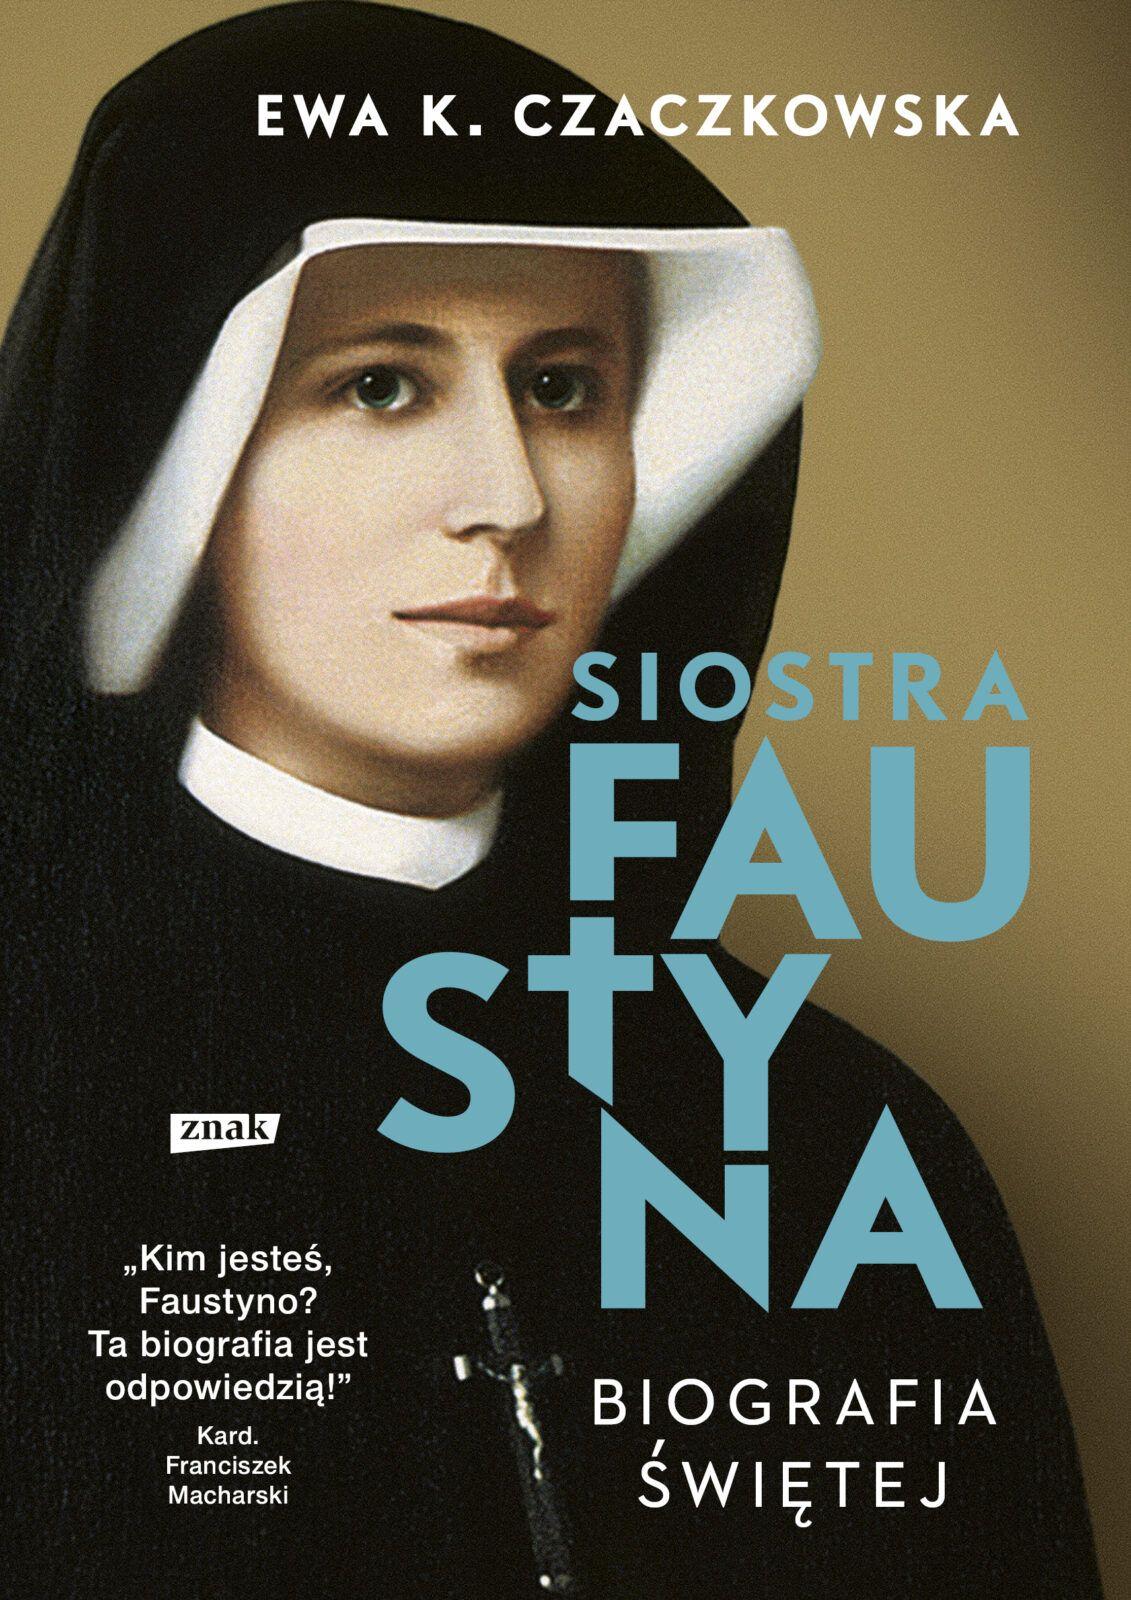 20-lecie kanonizacji św. Faustyny Kowalskiej